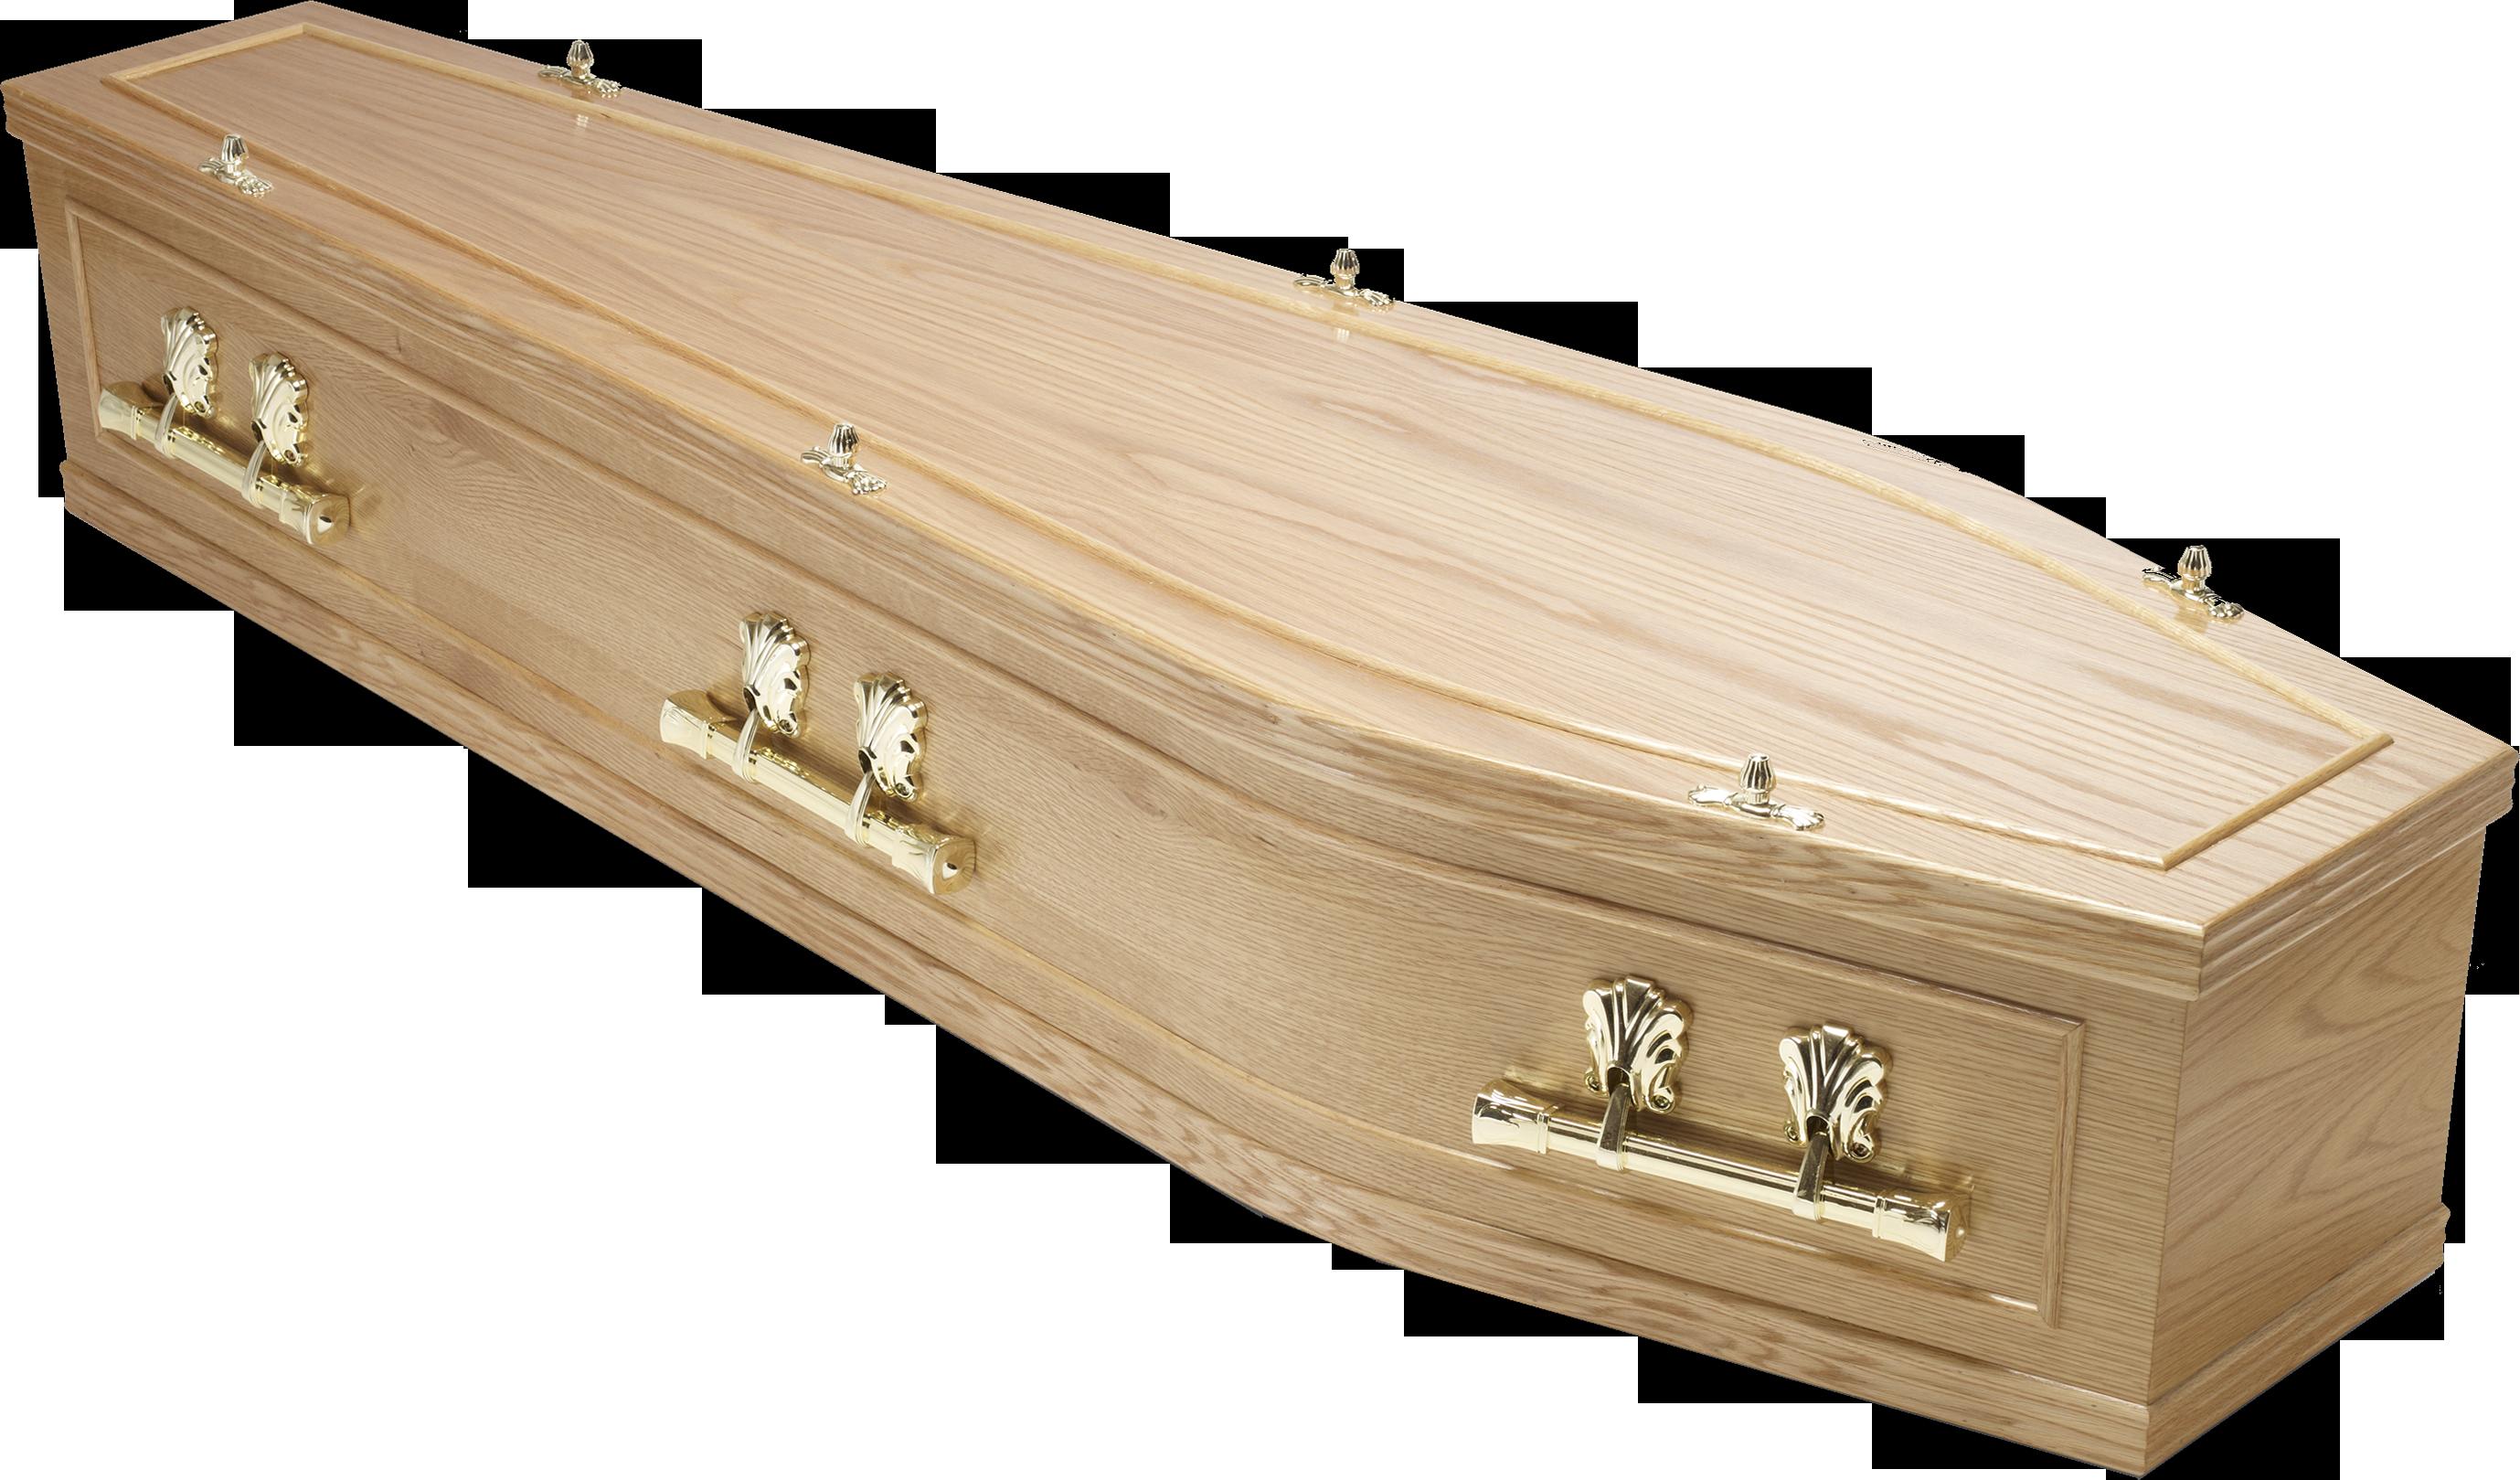 Coffin.png.e9759275b023e56f73e53f071401f542.png